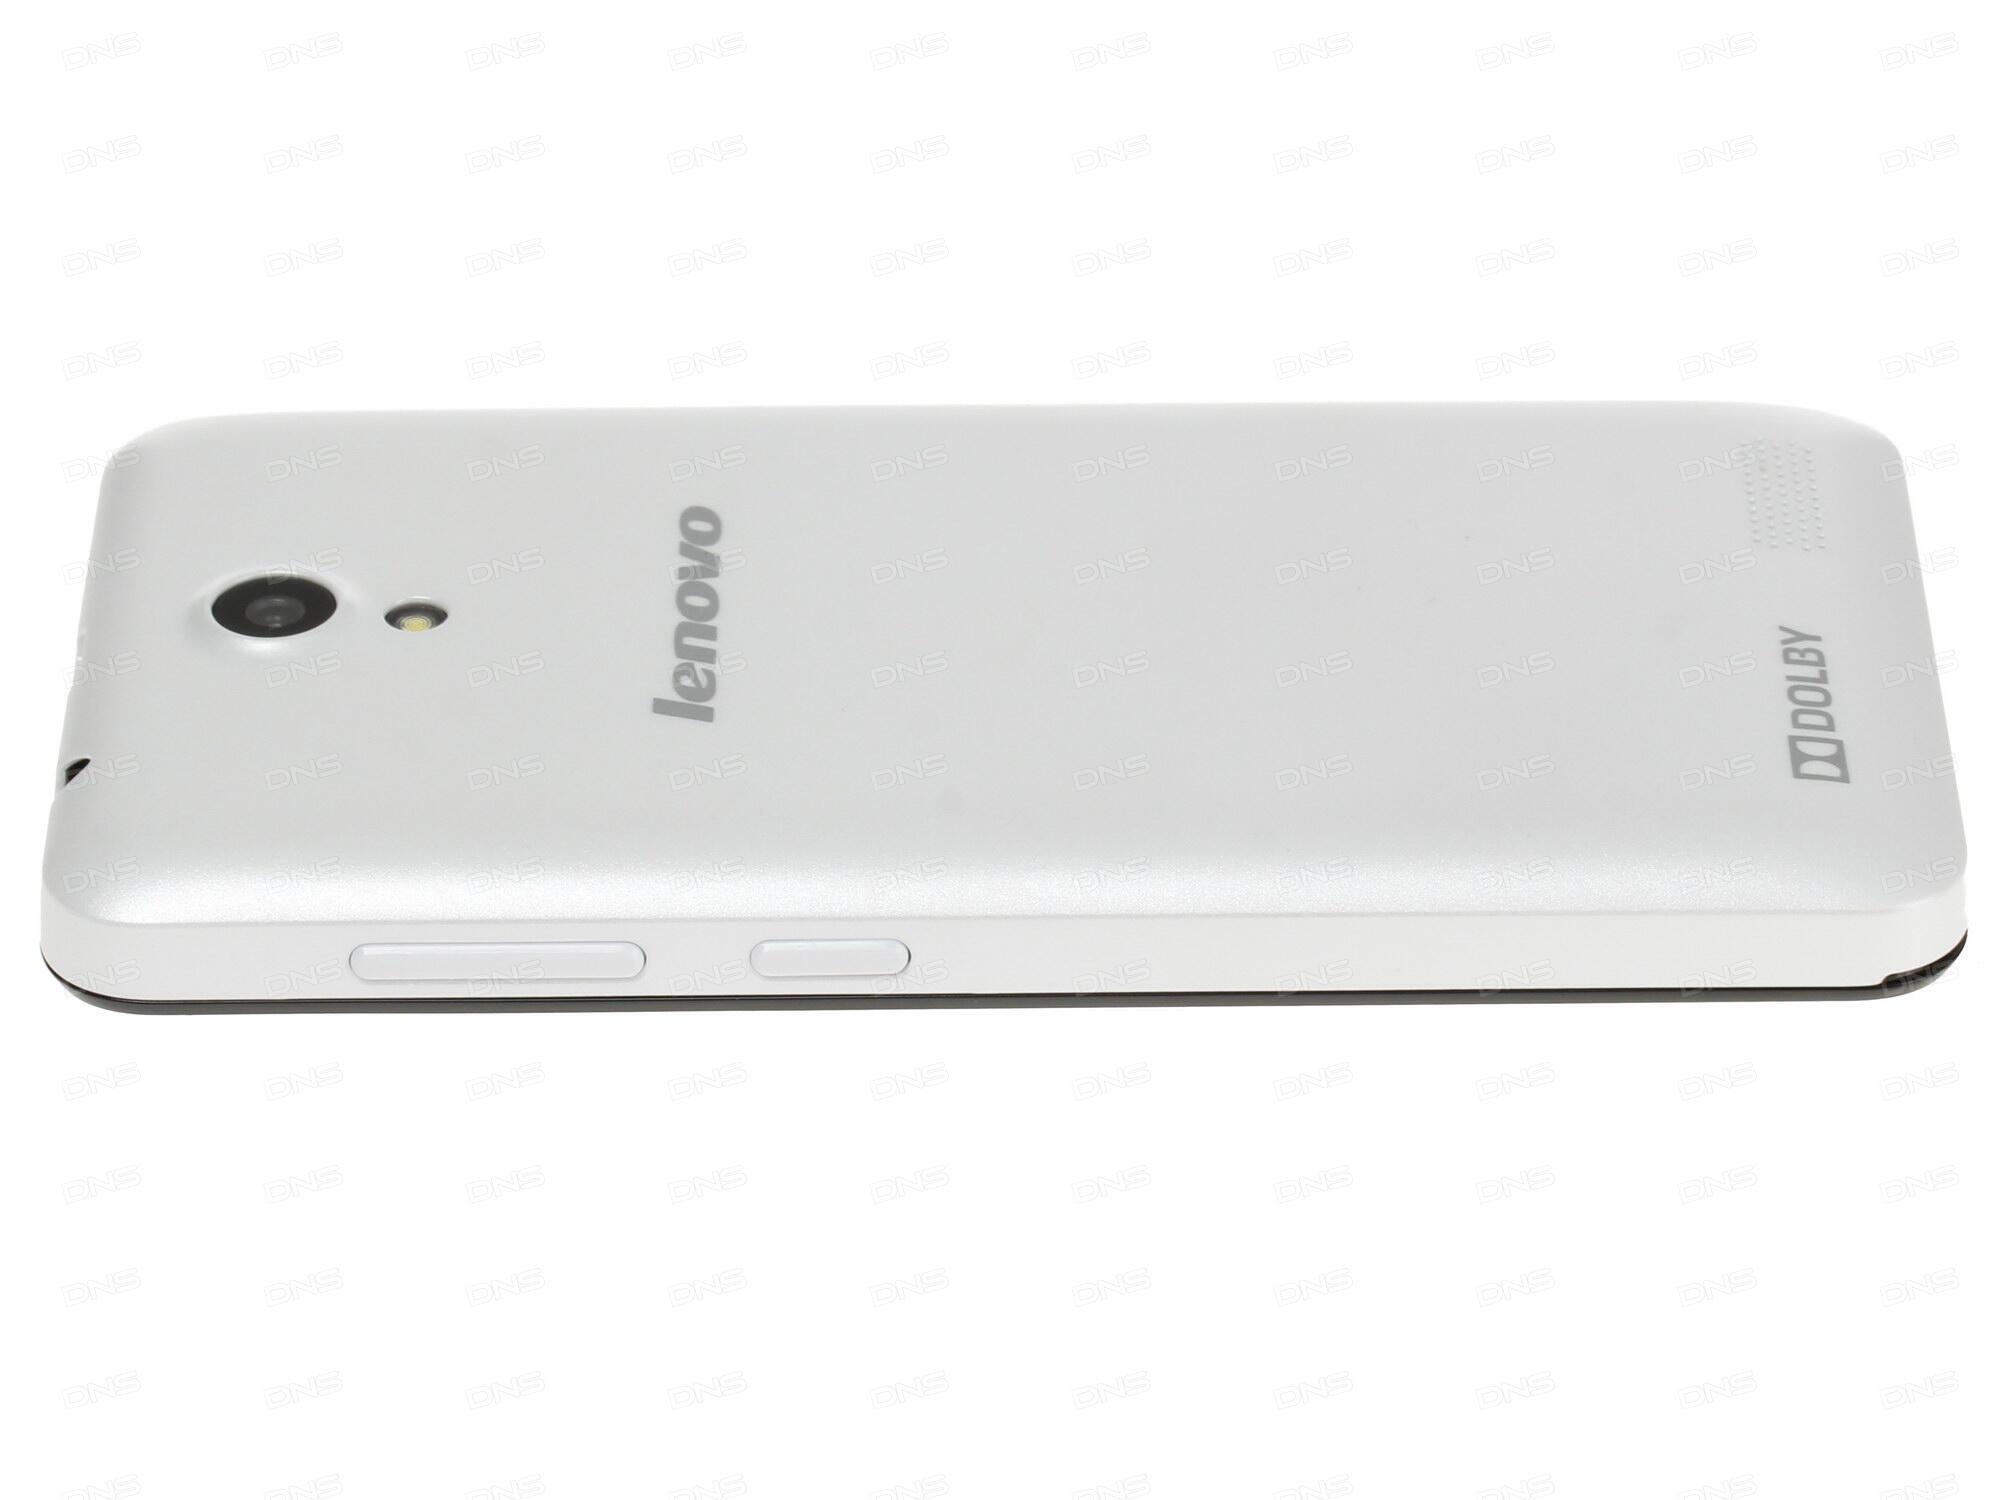 Смартфон Micromax Q326 бежевый 4